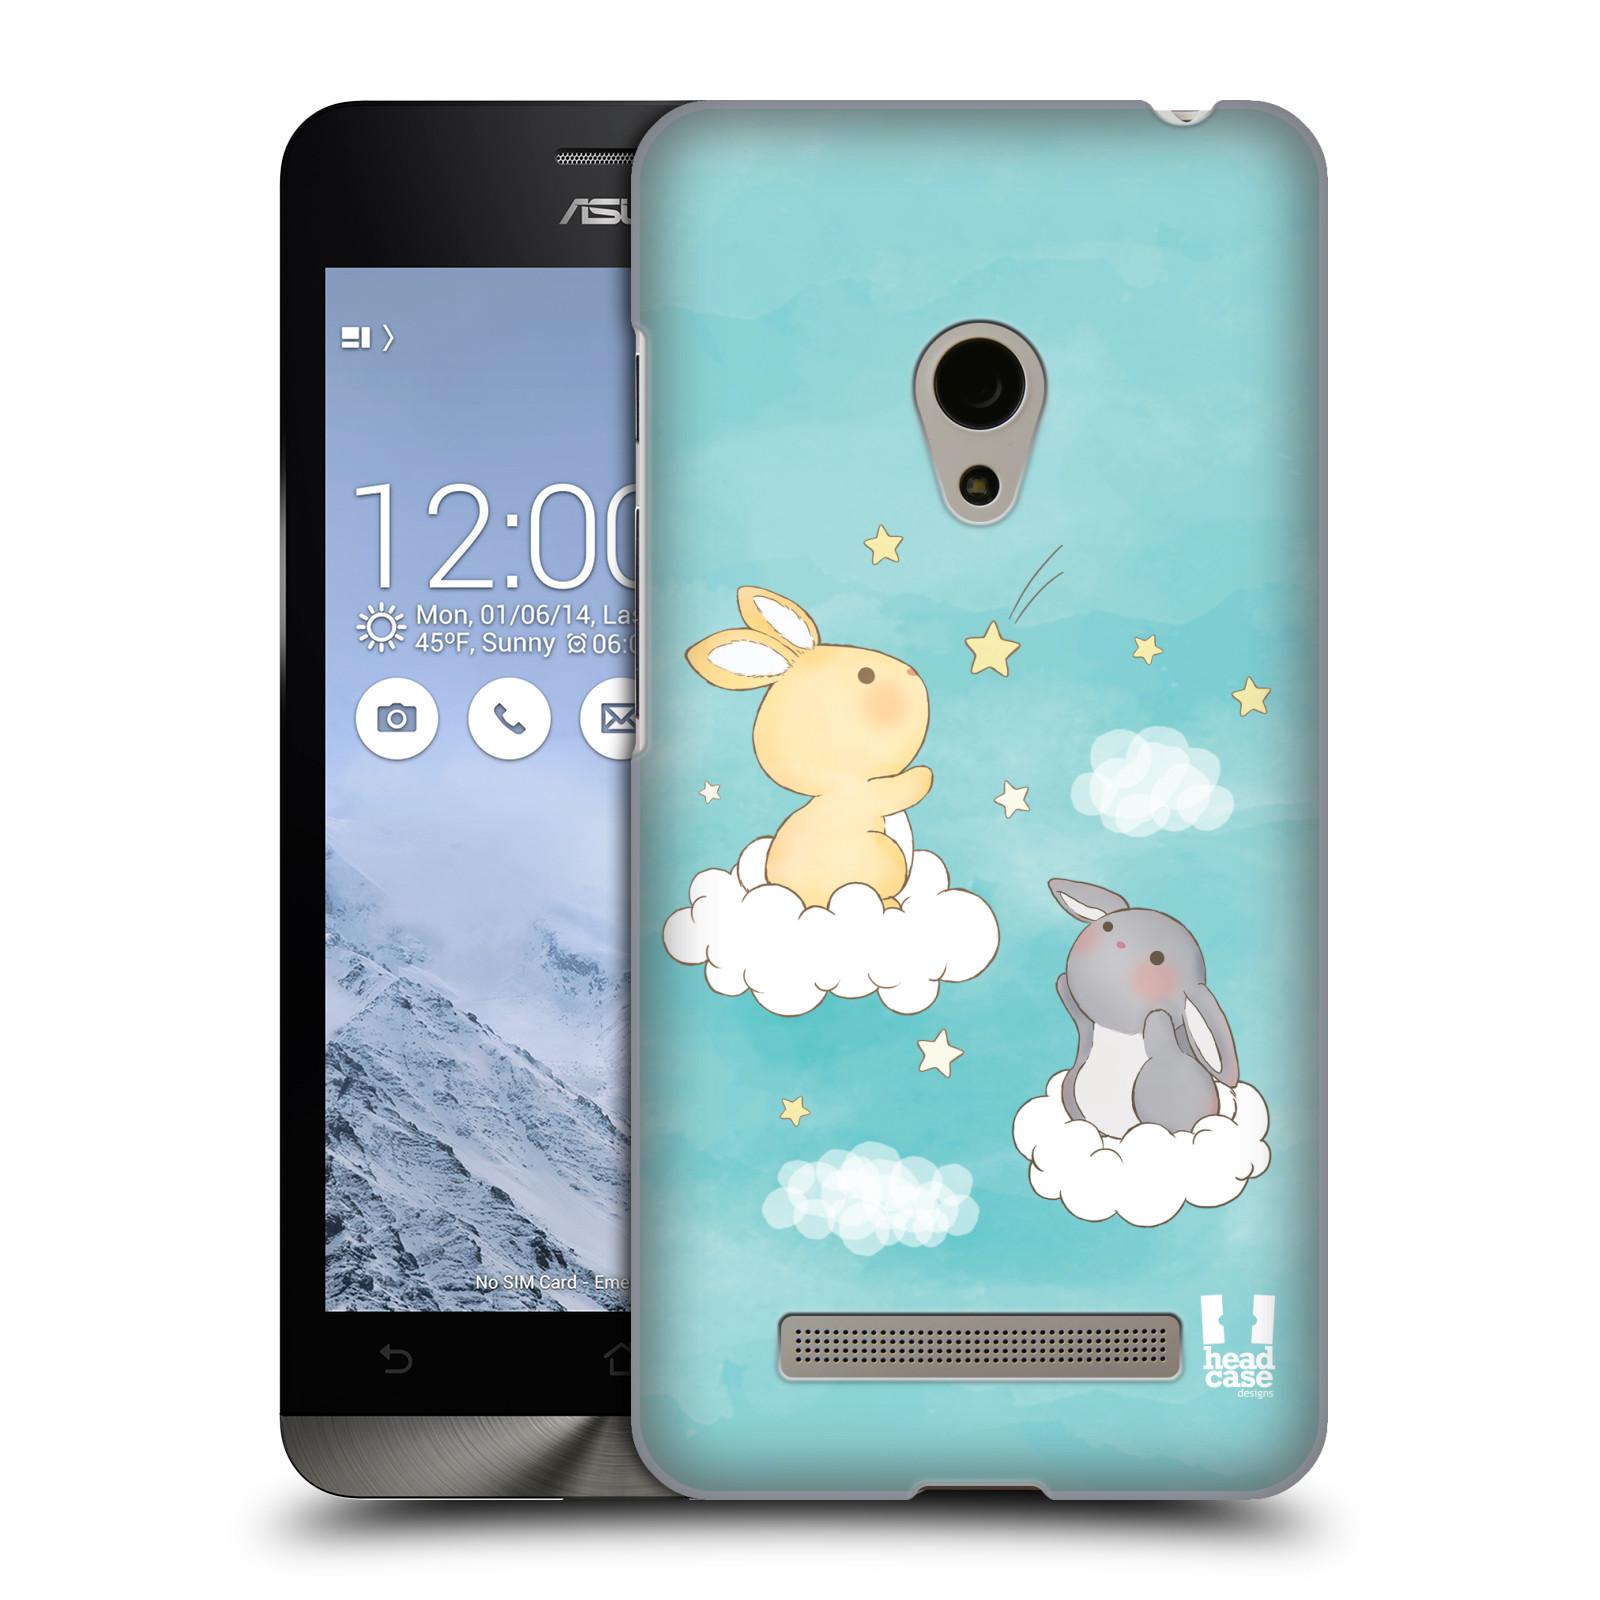 HEAD CASE plastový obal na mobil Asus Zenfone 5 vzor králíček a hvězdy modrá